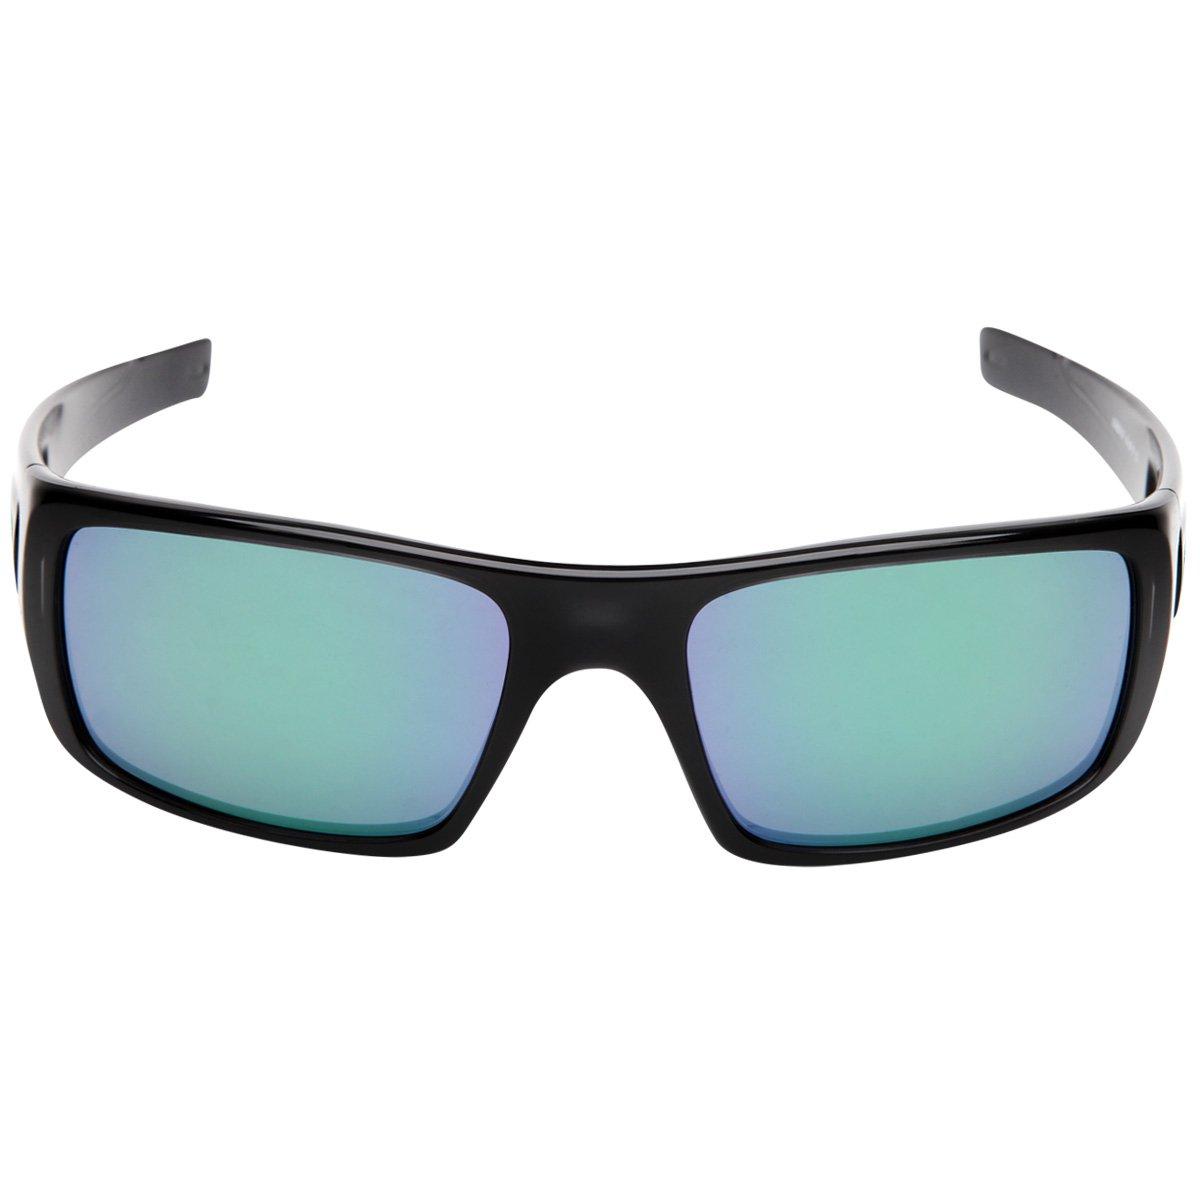 Óculos Oakley Crankshaft - Iridium  Óculos Oakley Crankshaft - Iridium ... e67bfb9bd8